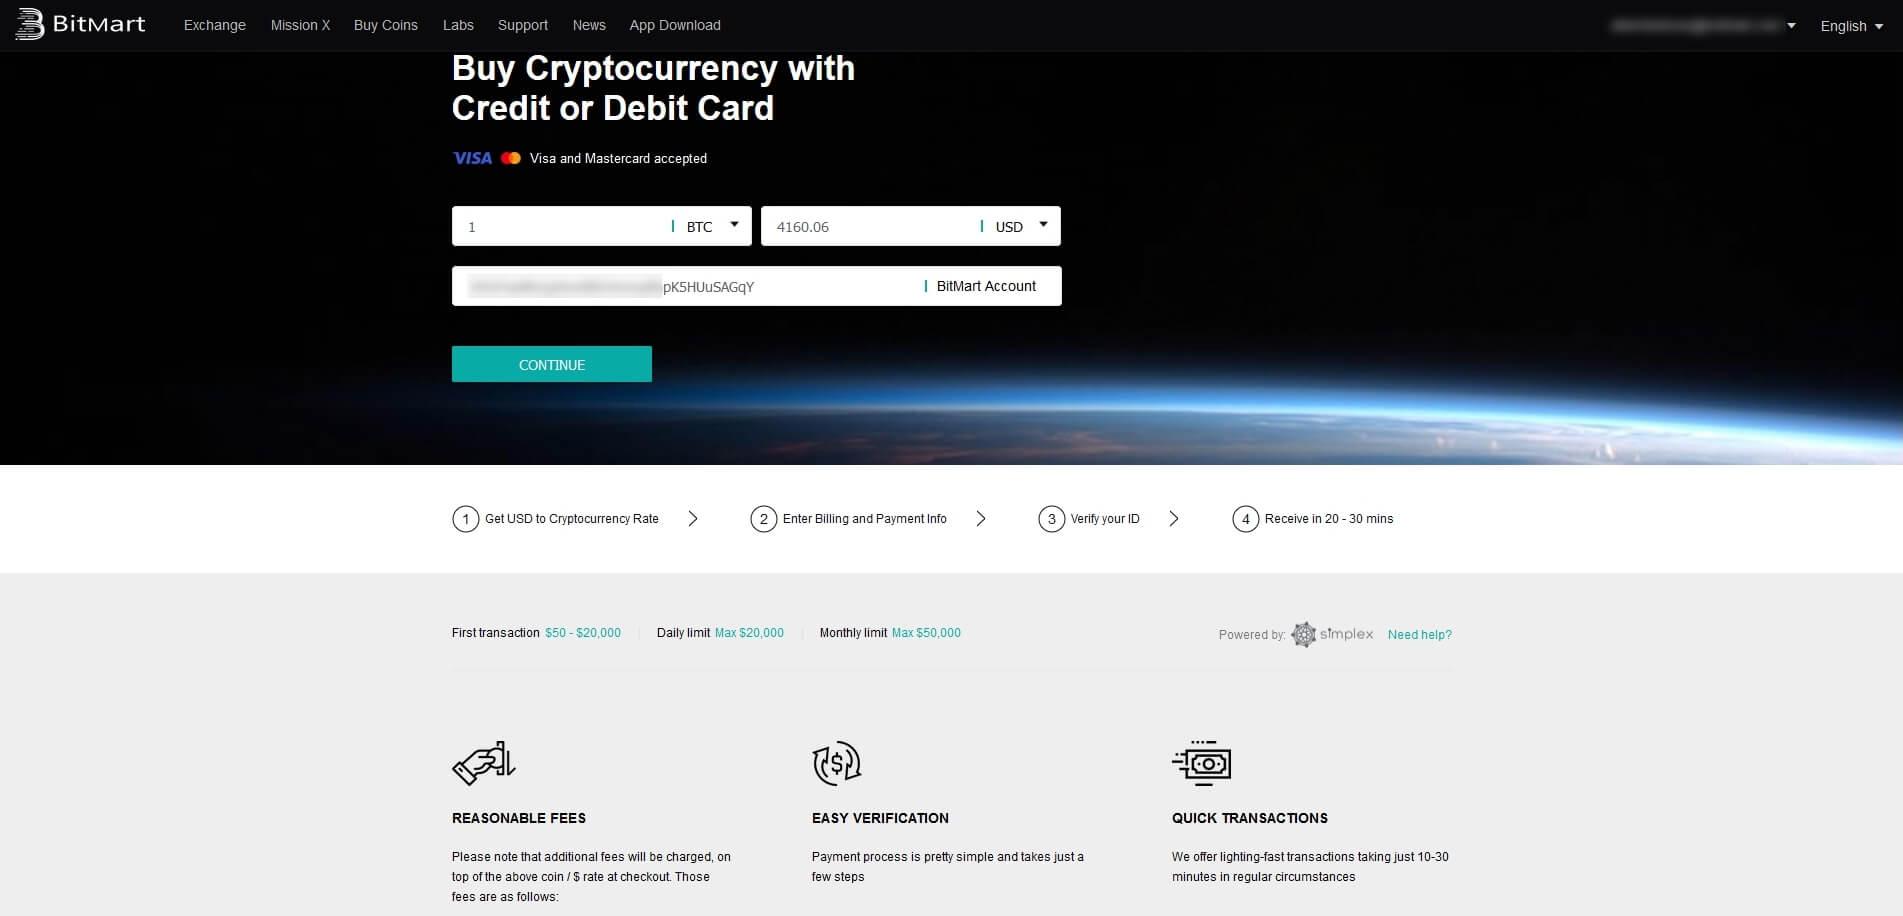 Achat de cryptomonnaies cbez Bitmart par CB